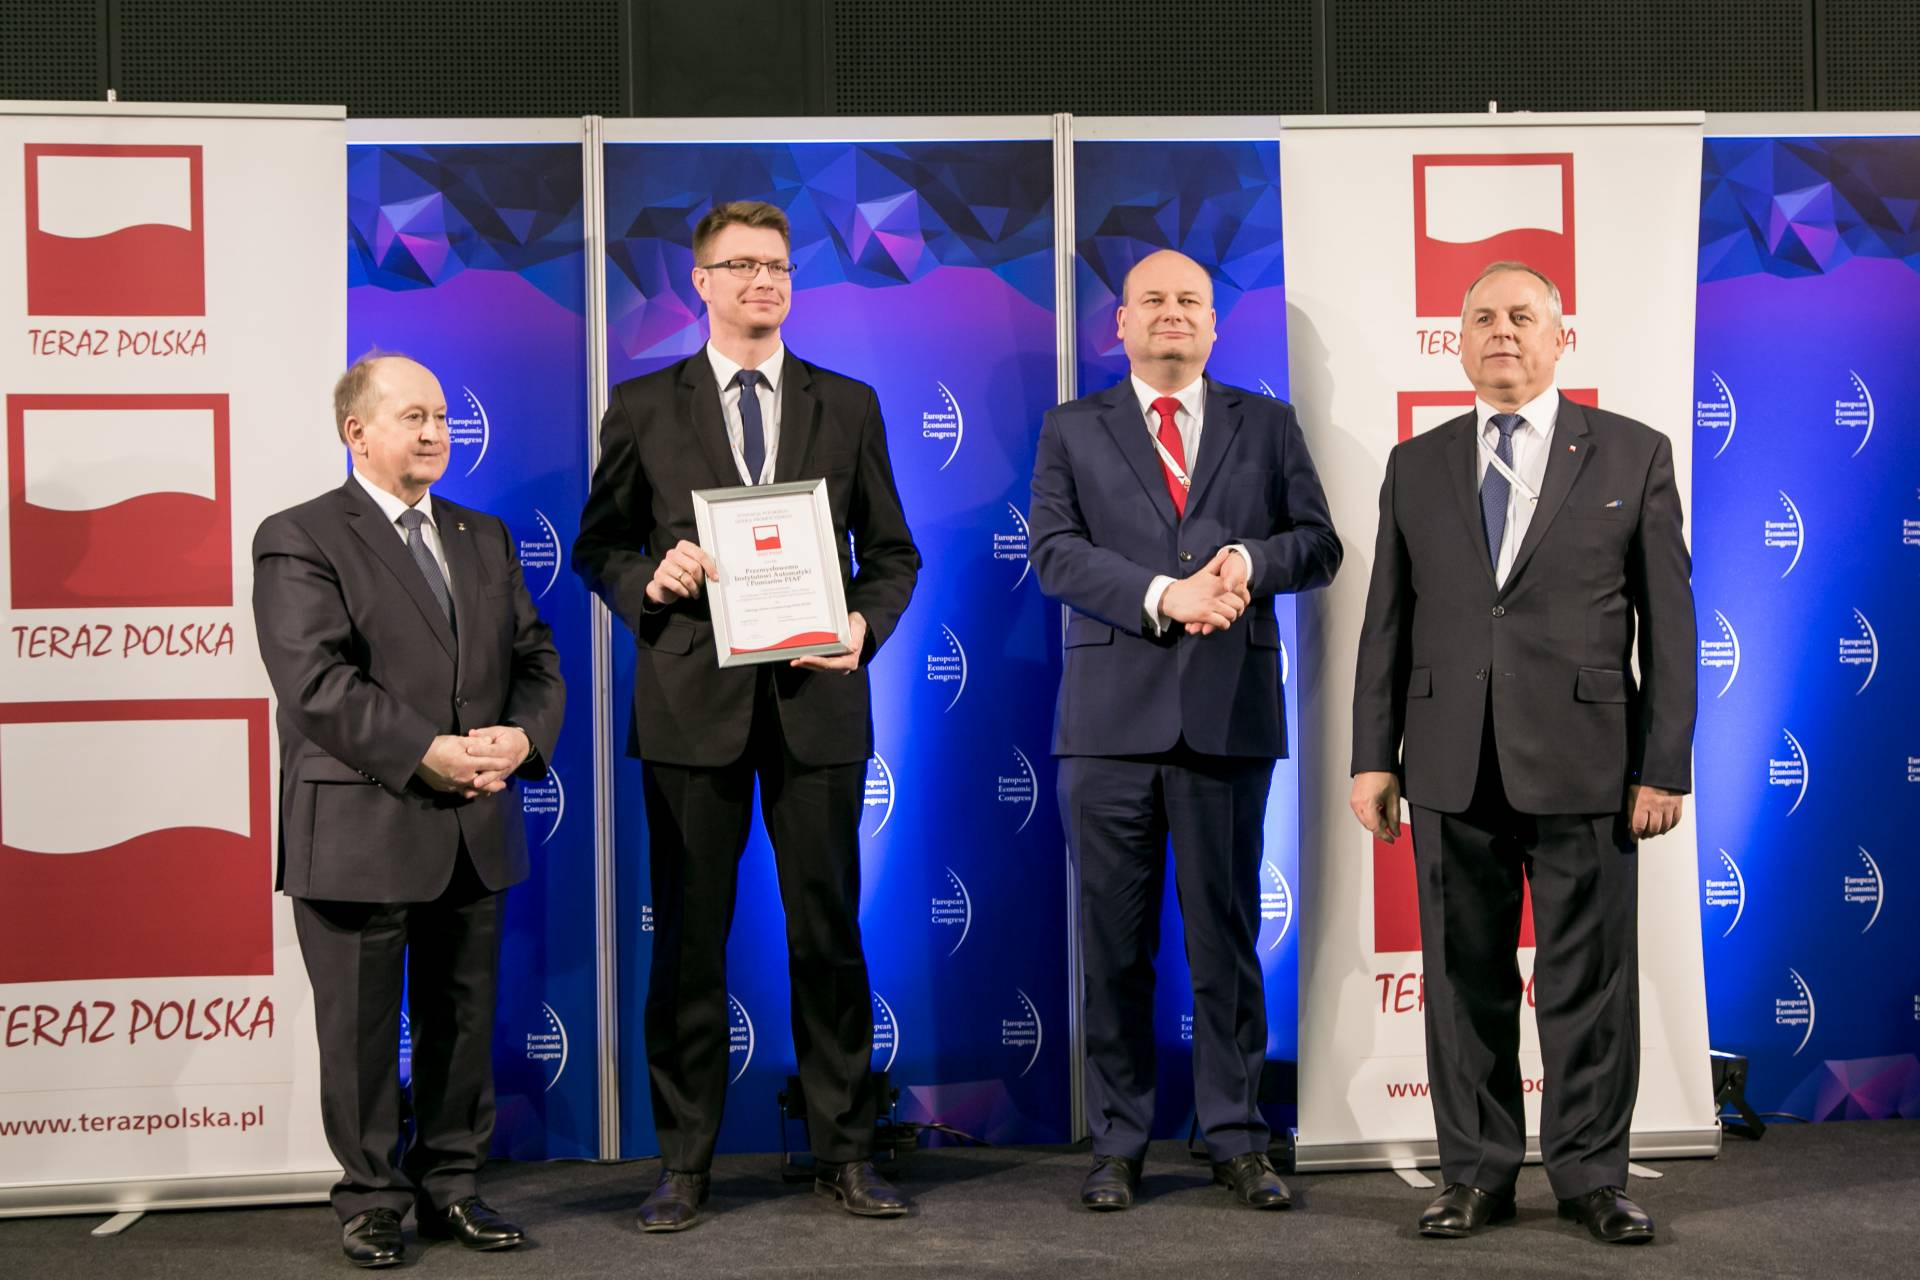 IX Kongres Gospodarczy w Katowicach: nagroda TERAZ POLSKA dla Instytutu PIAP za robota PIAP FENIX. Nagrodę odebrał Maciej Cader (drugi z lewej).